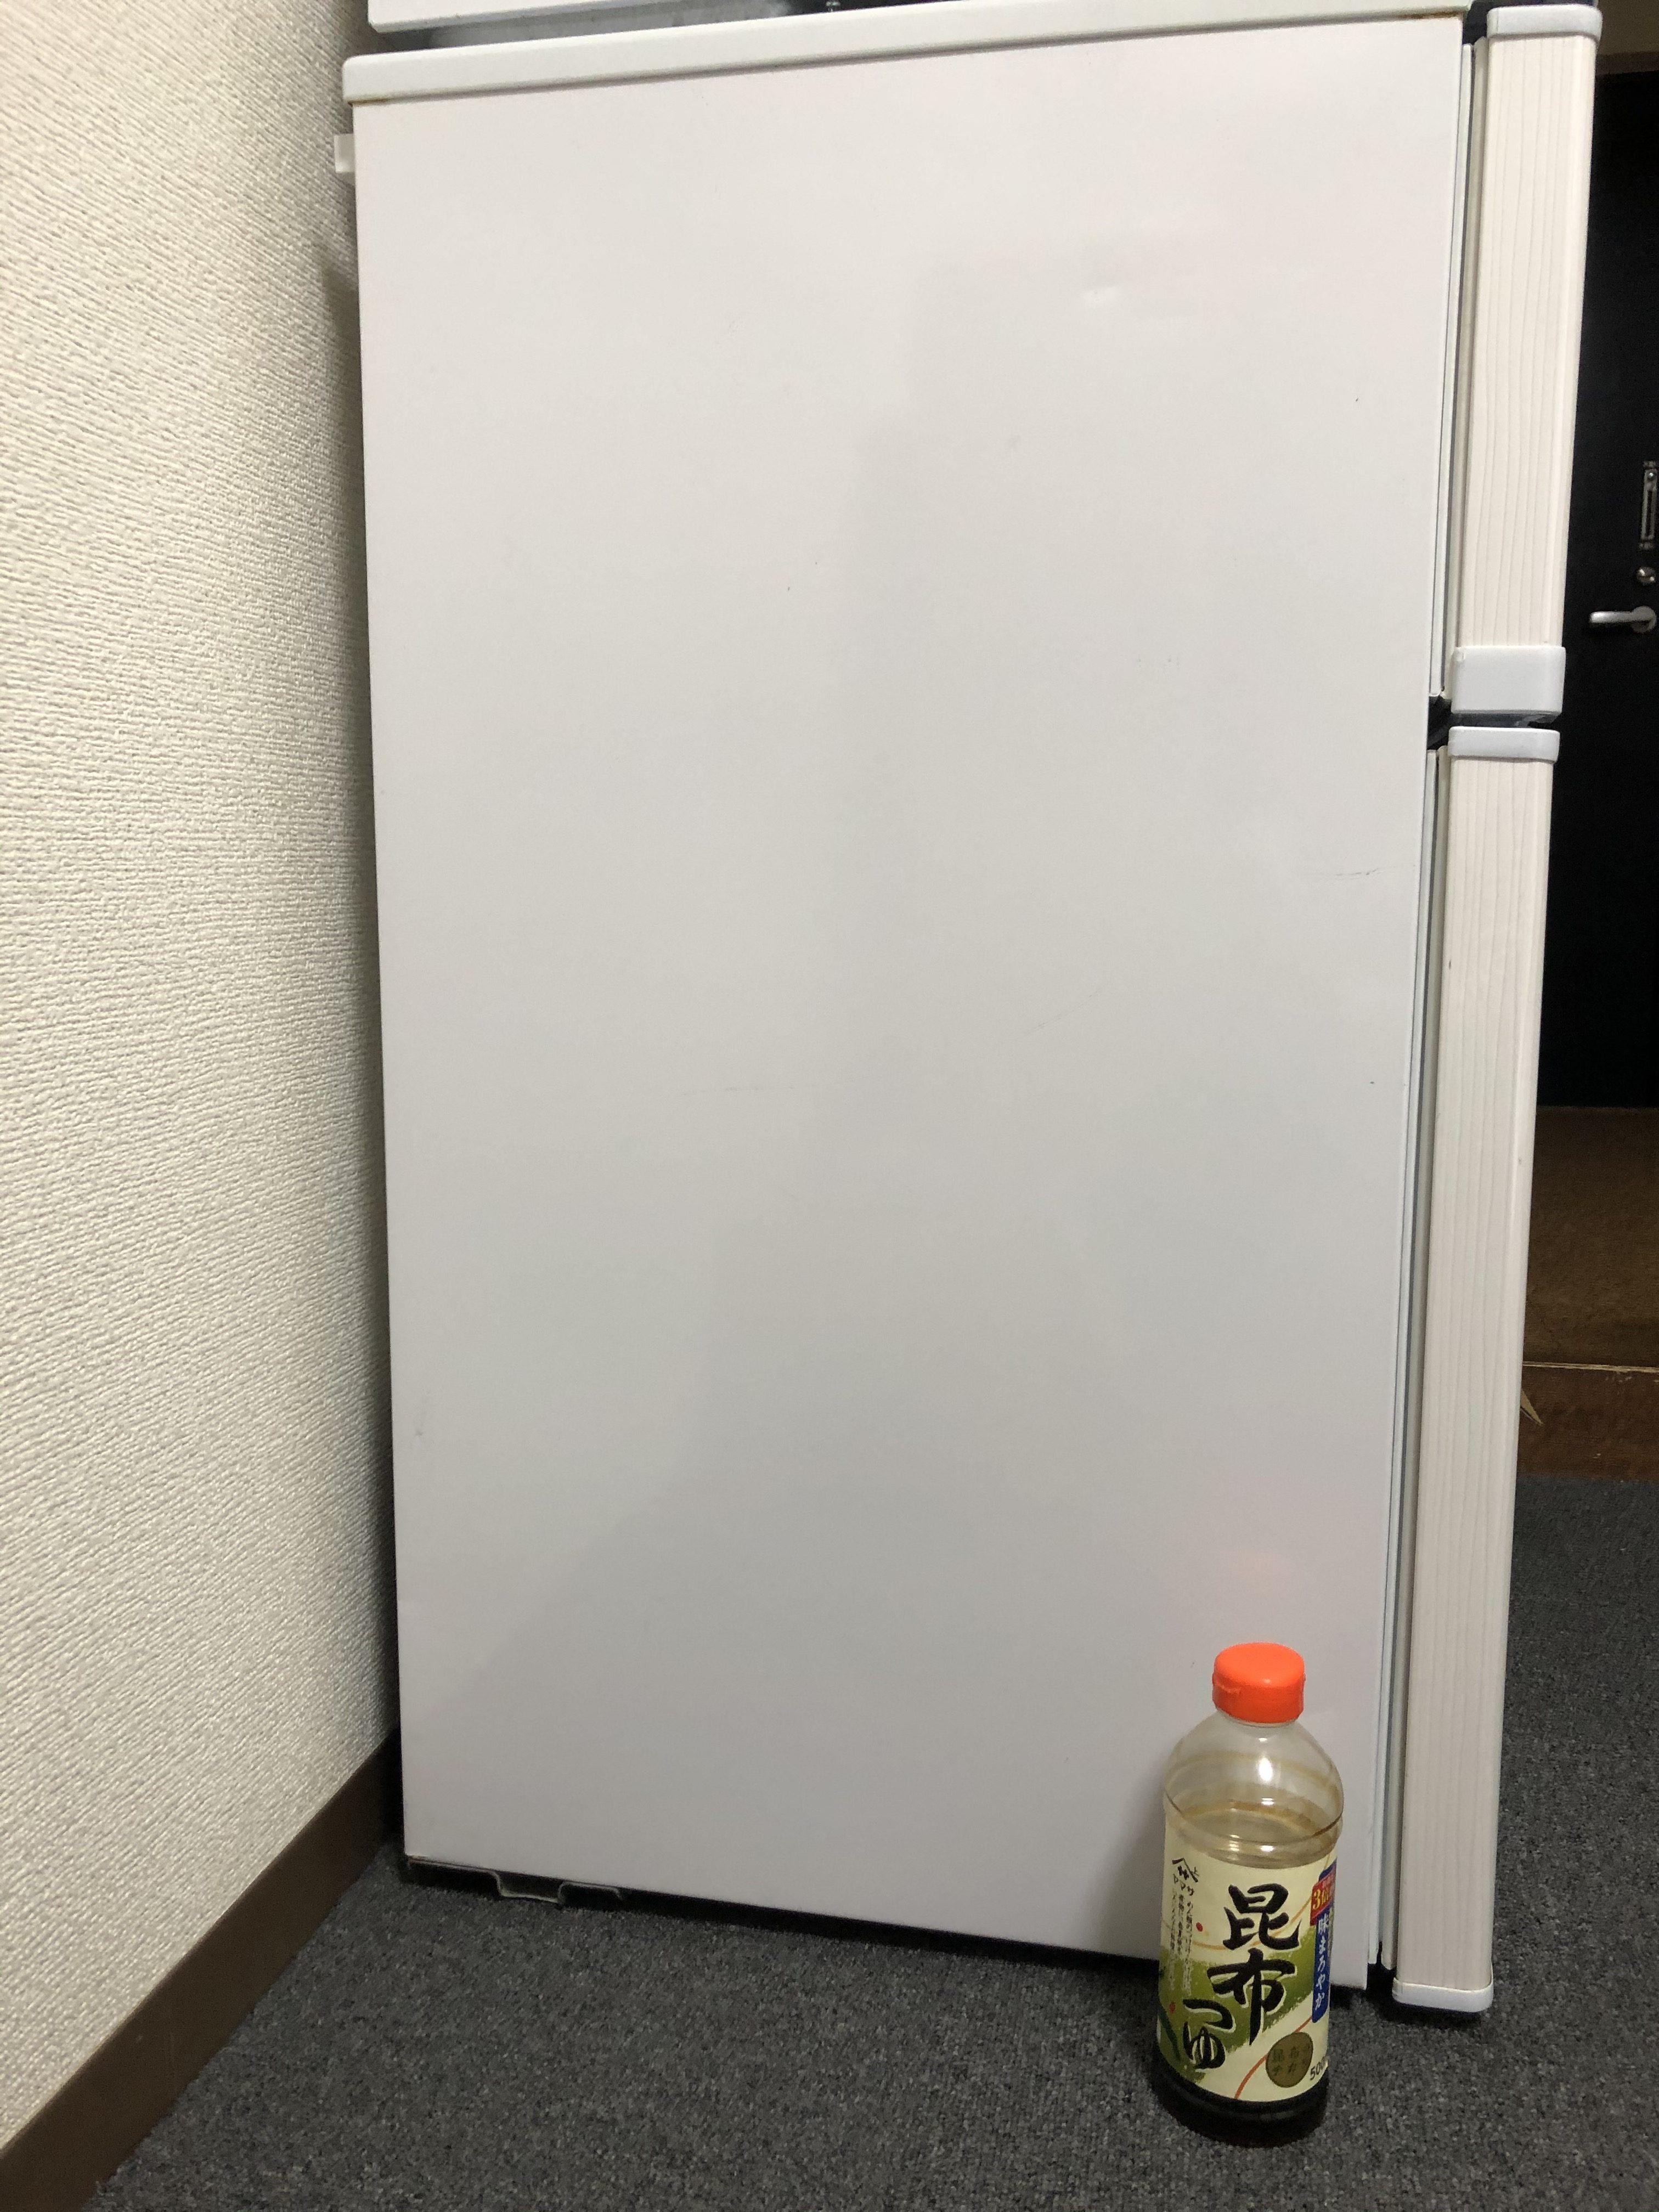 1人暮らしの冷蔵庫と調味料